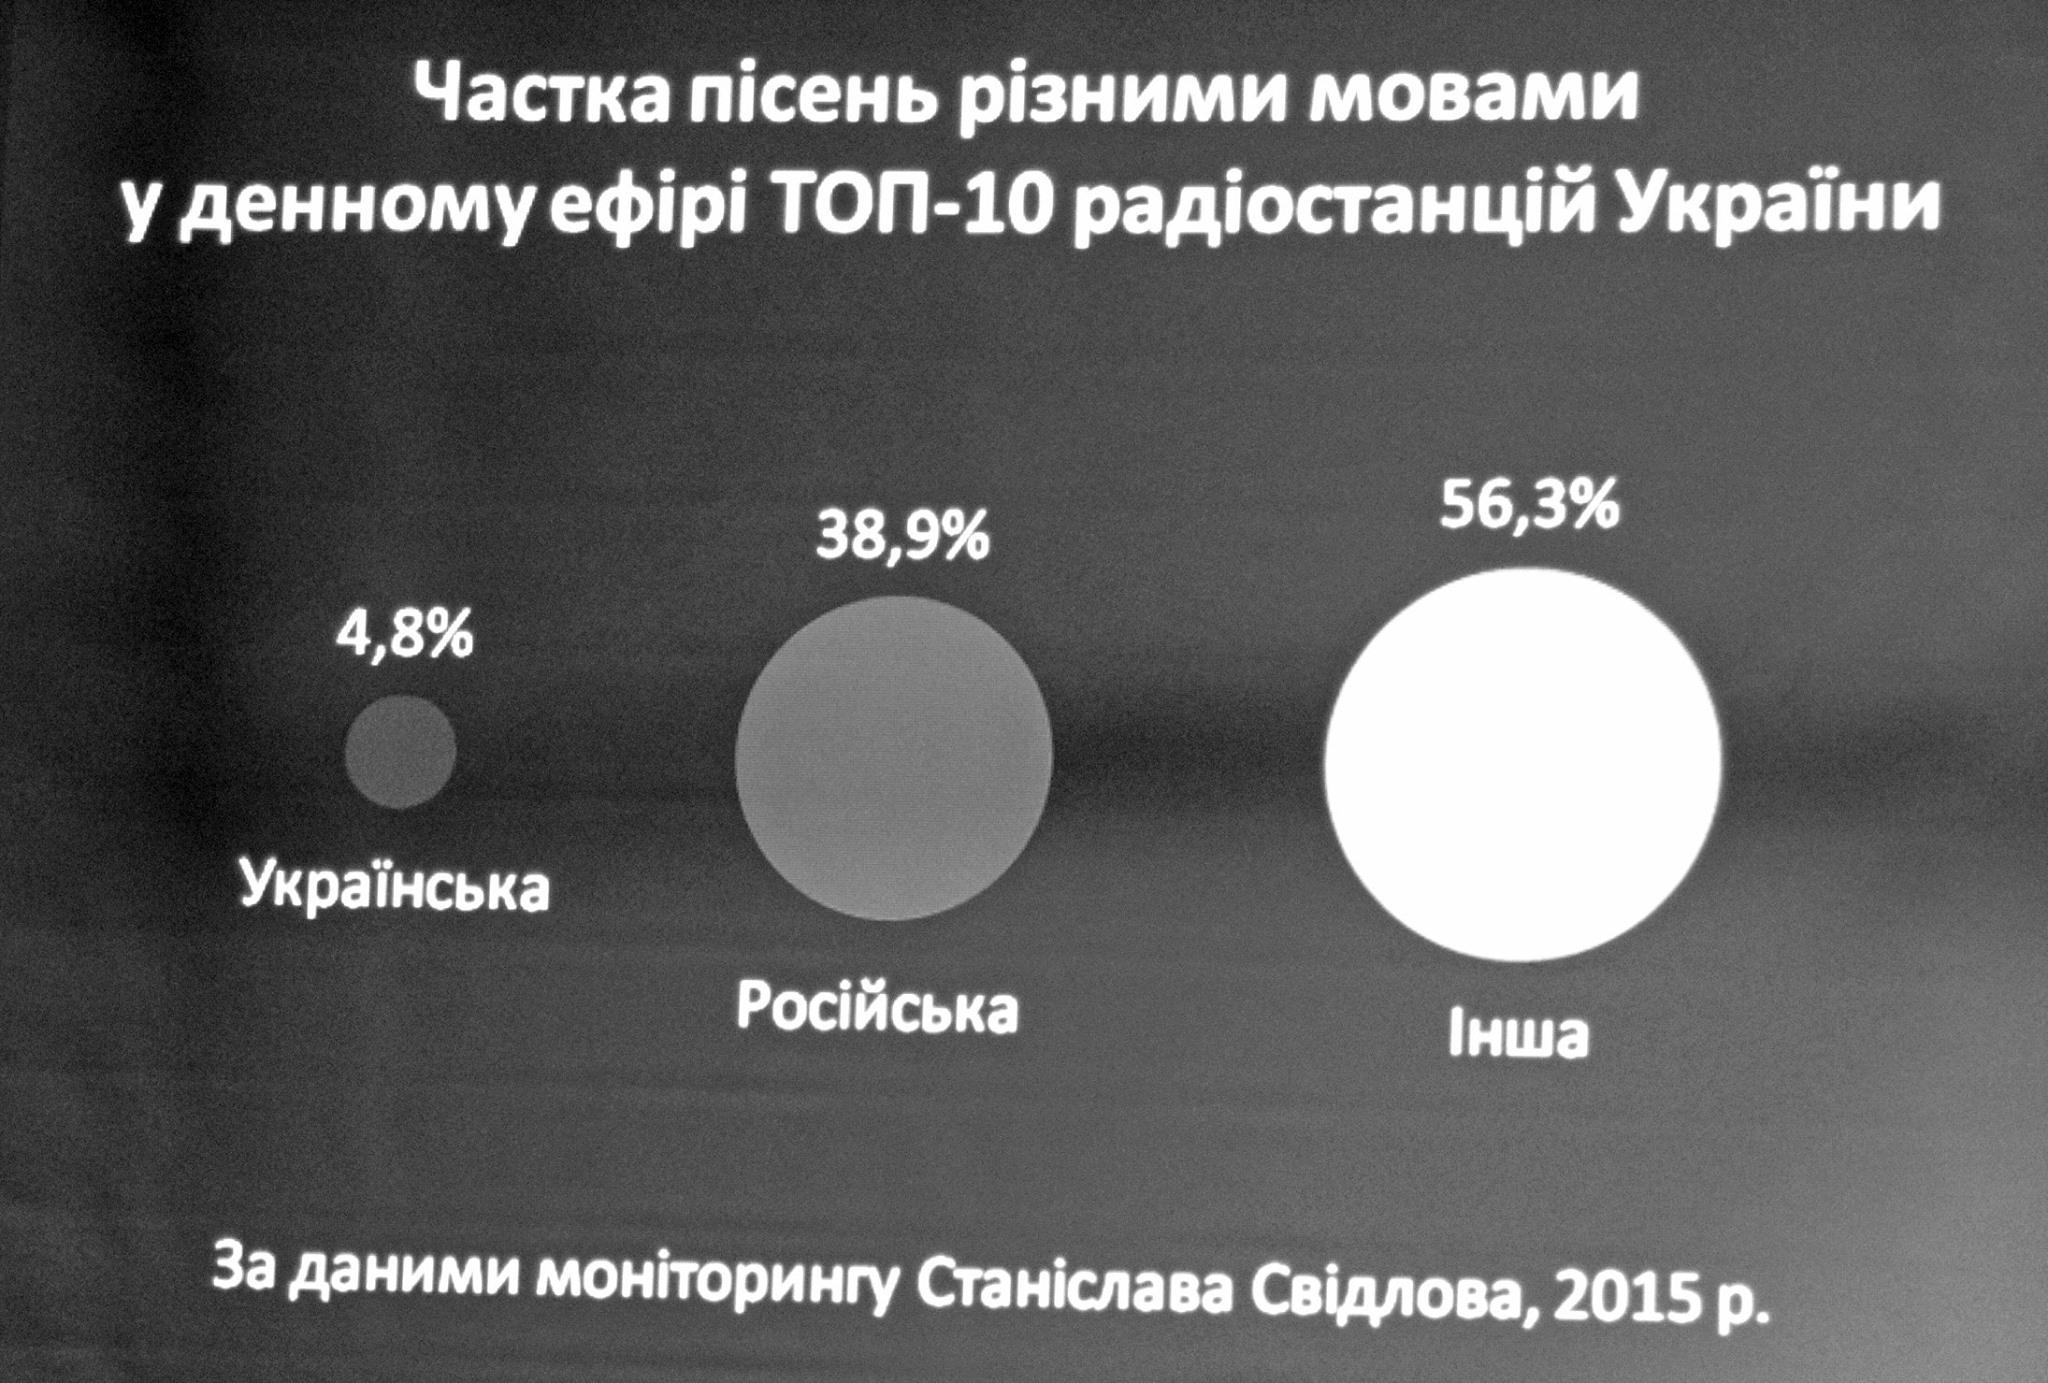 Źródło: qha.com.ua